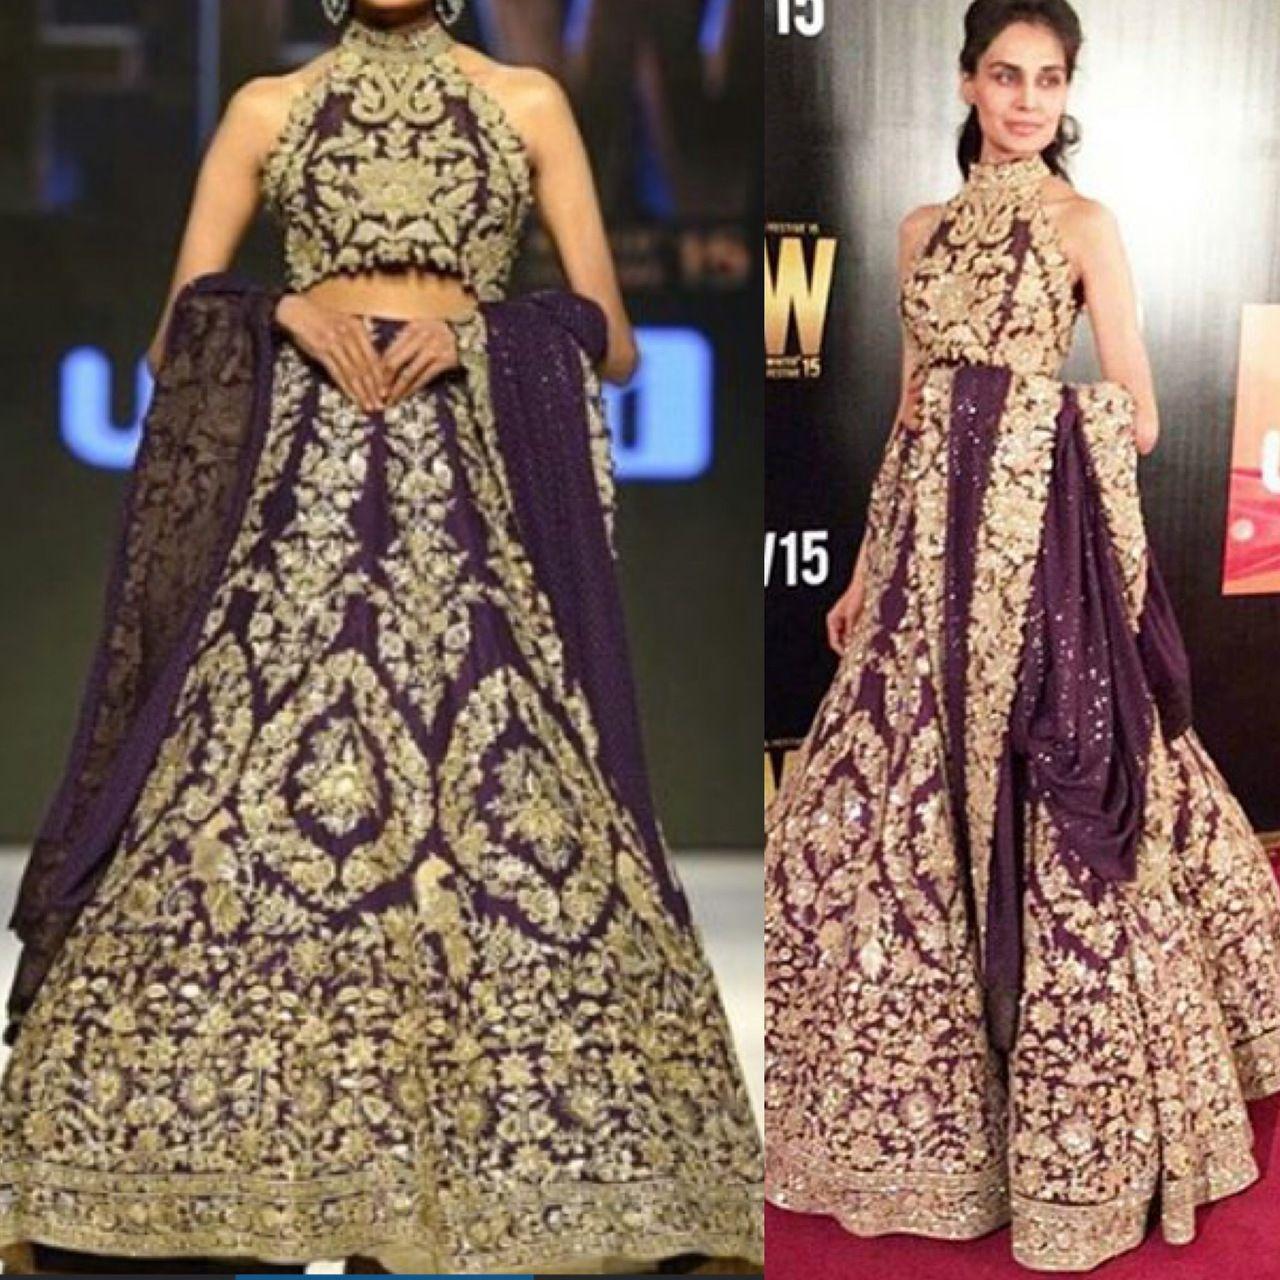 Umar sayeed indian wedding dress buy this bridal lehenga choli umar sayeed indian wedding dress buy this bridal lehenga choli replica gujaratidresses ombrellifo Gallery